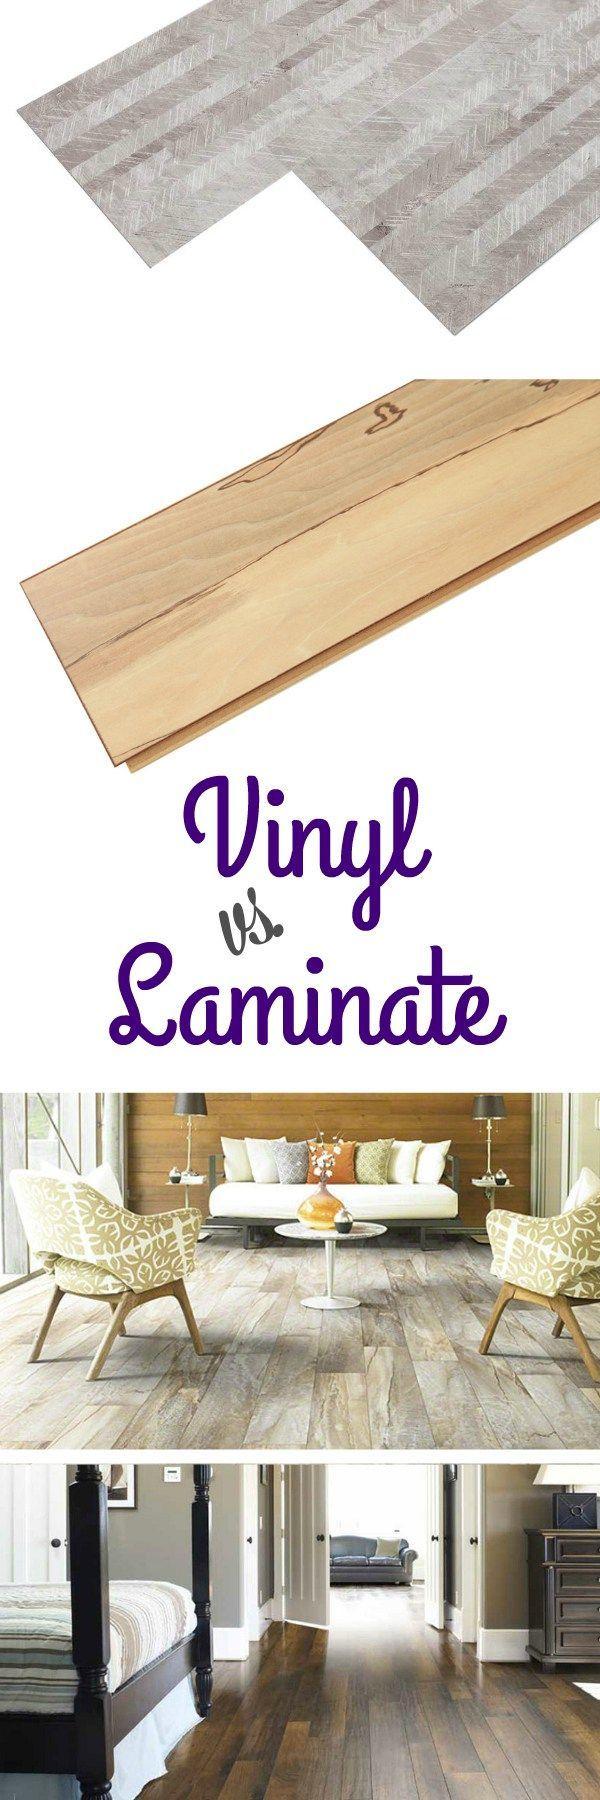 Laminate vs Vinyl Flooring Vinyl flooring, Vinyl wood